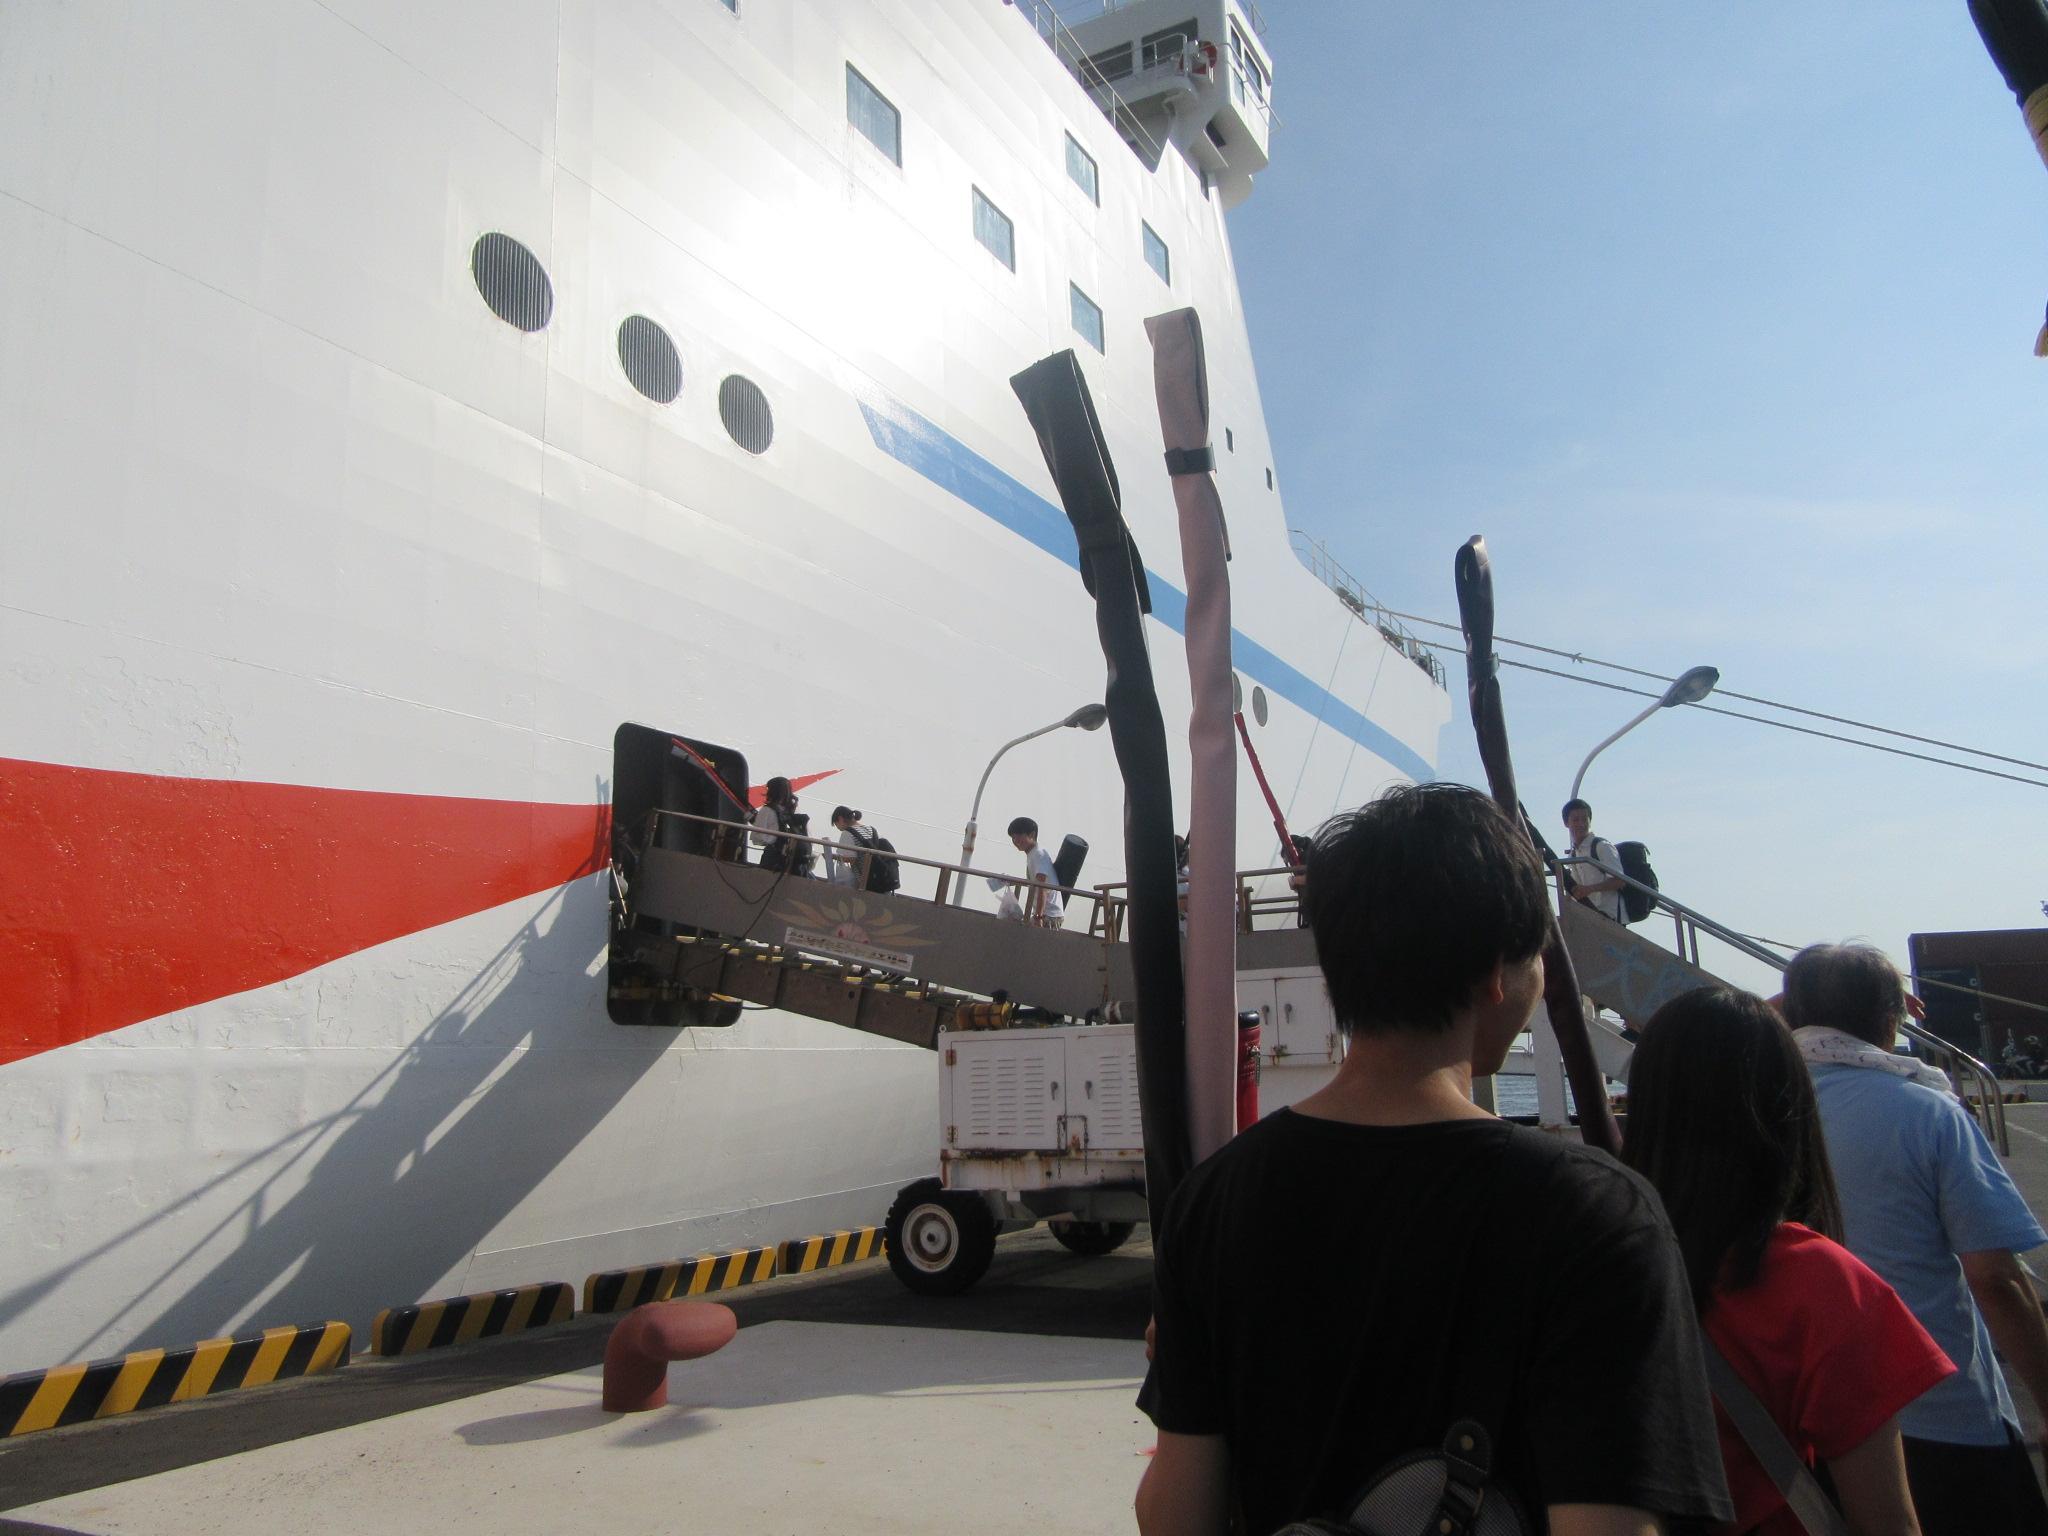 大阪南港からいざ出陣 到着は明日の朝 船中泊です